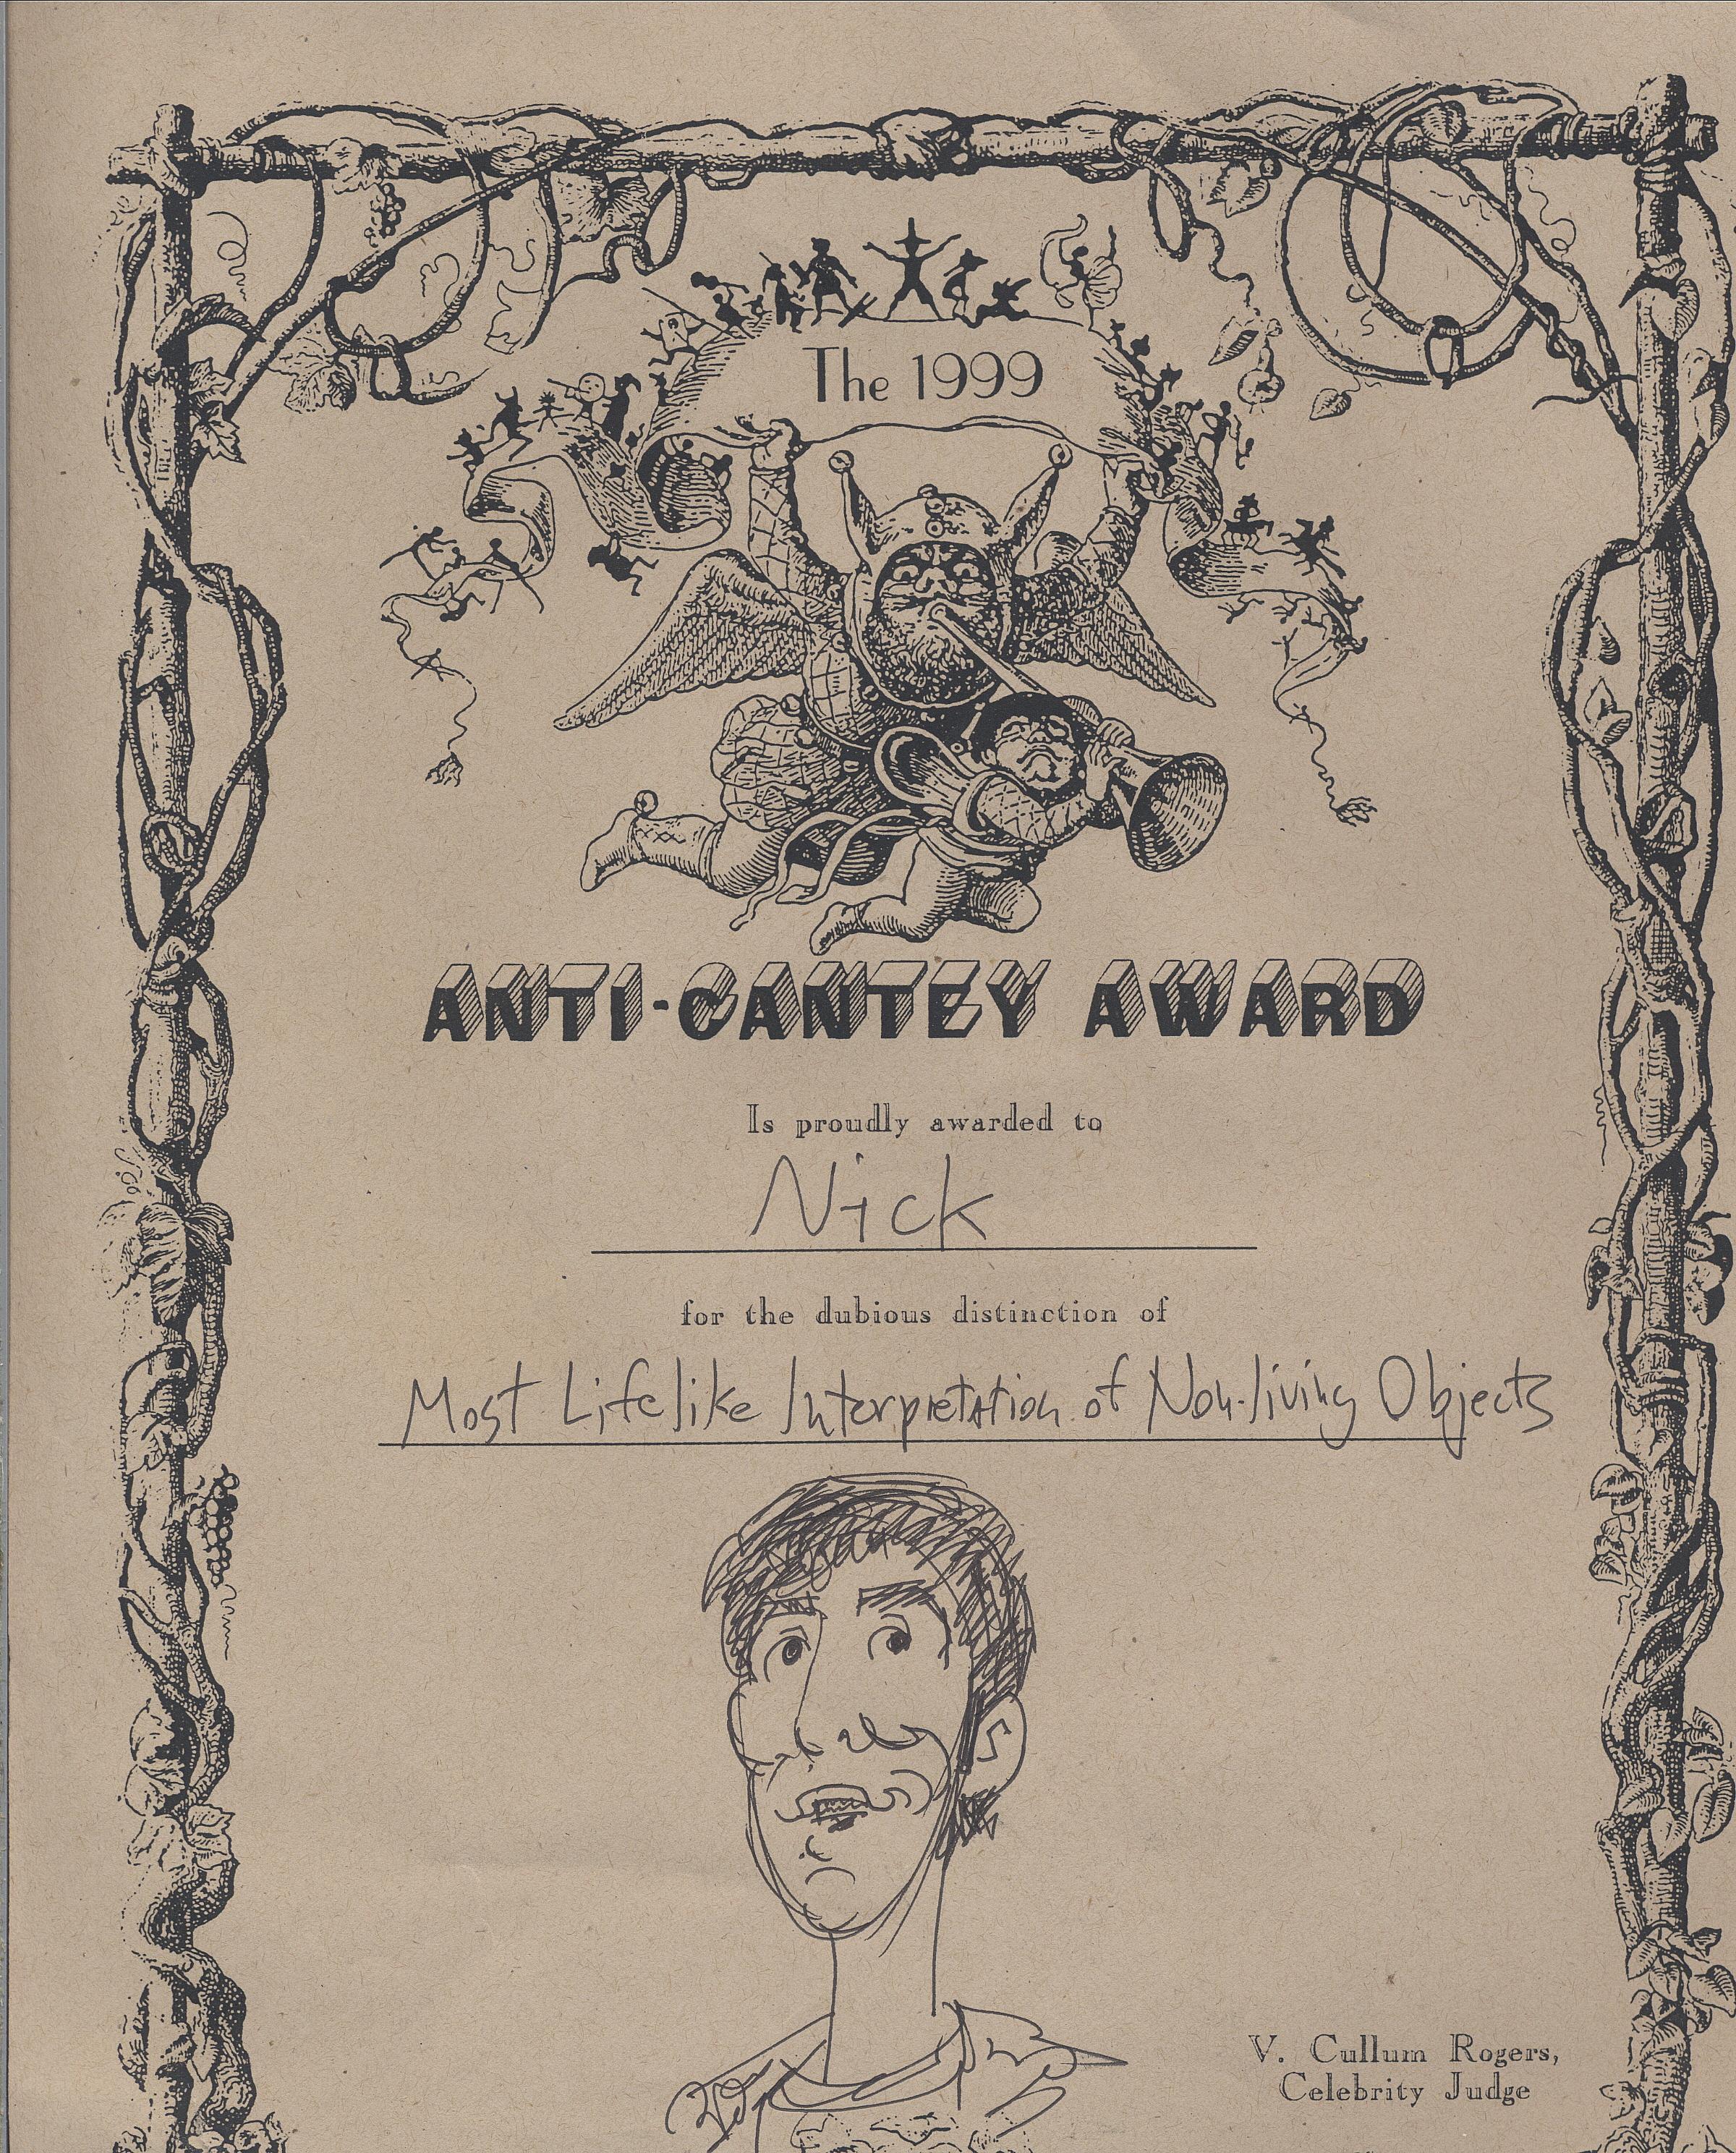 Anti-Cantey Award